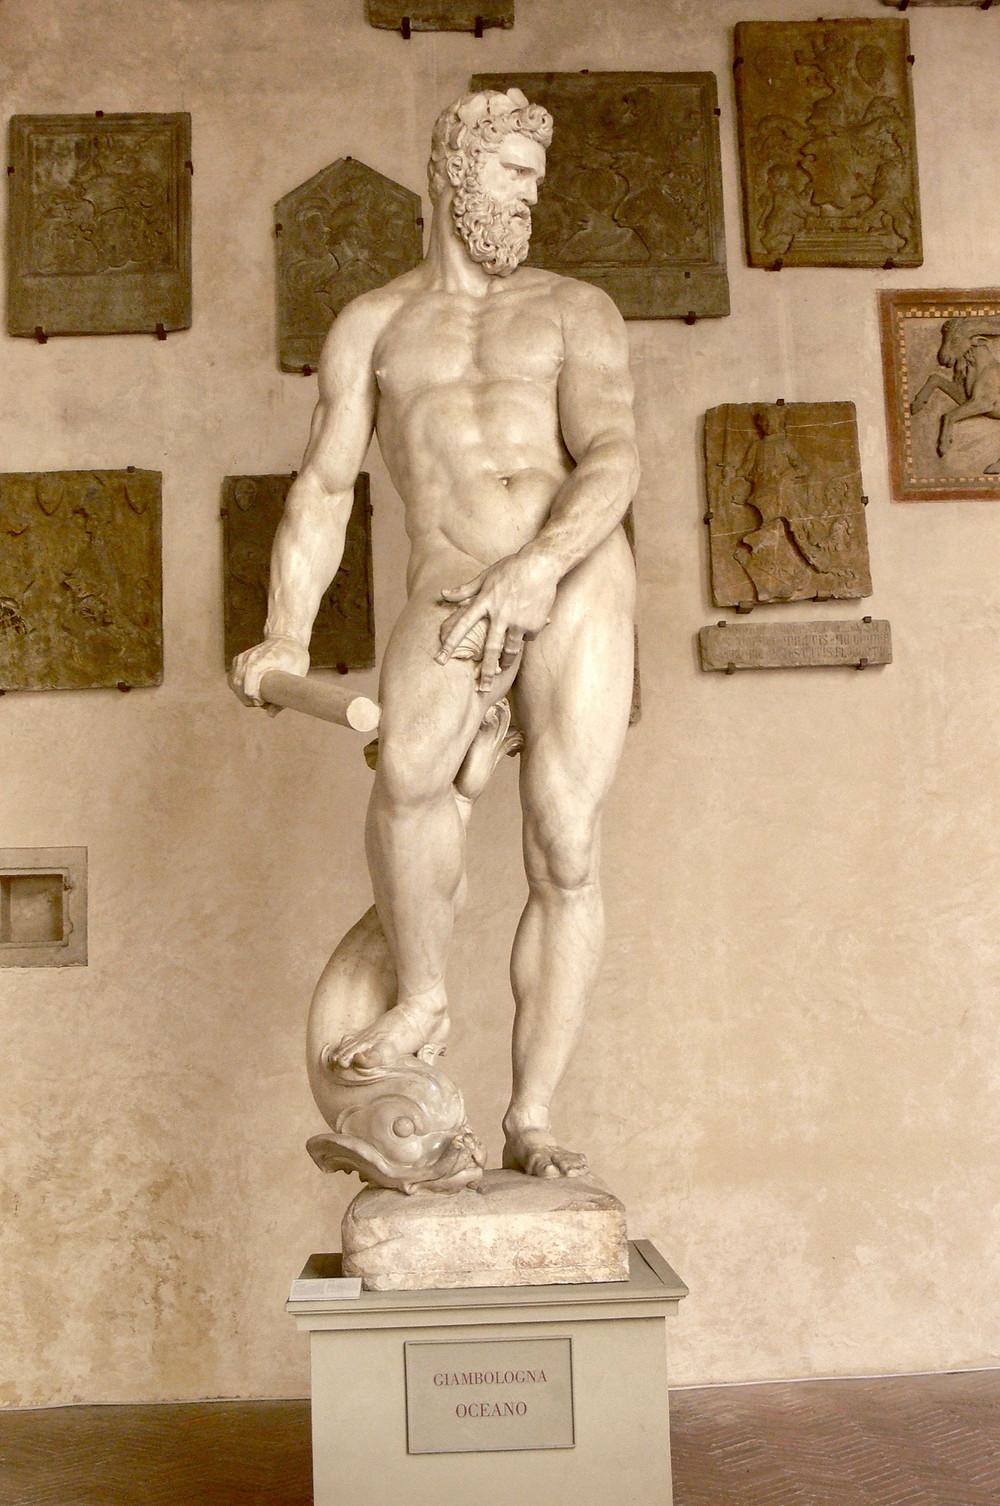 Giambologna, Oceanus, 1576